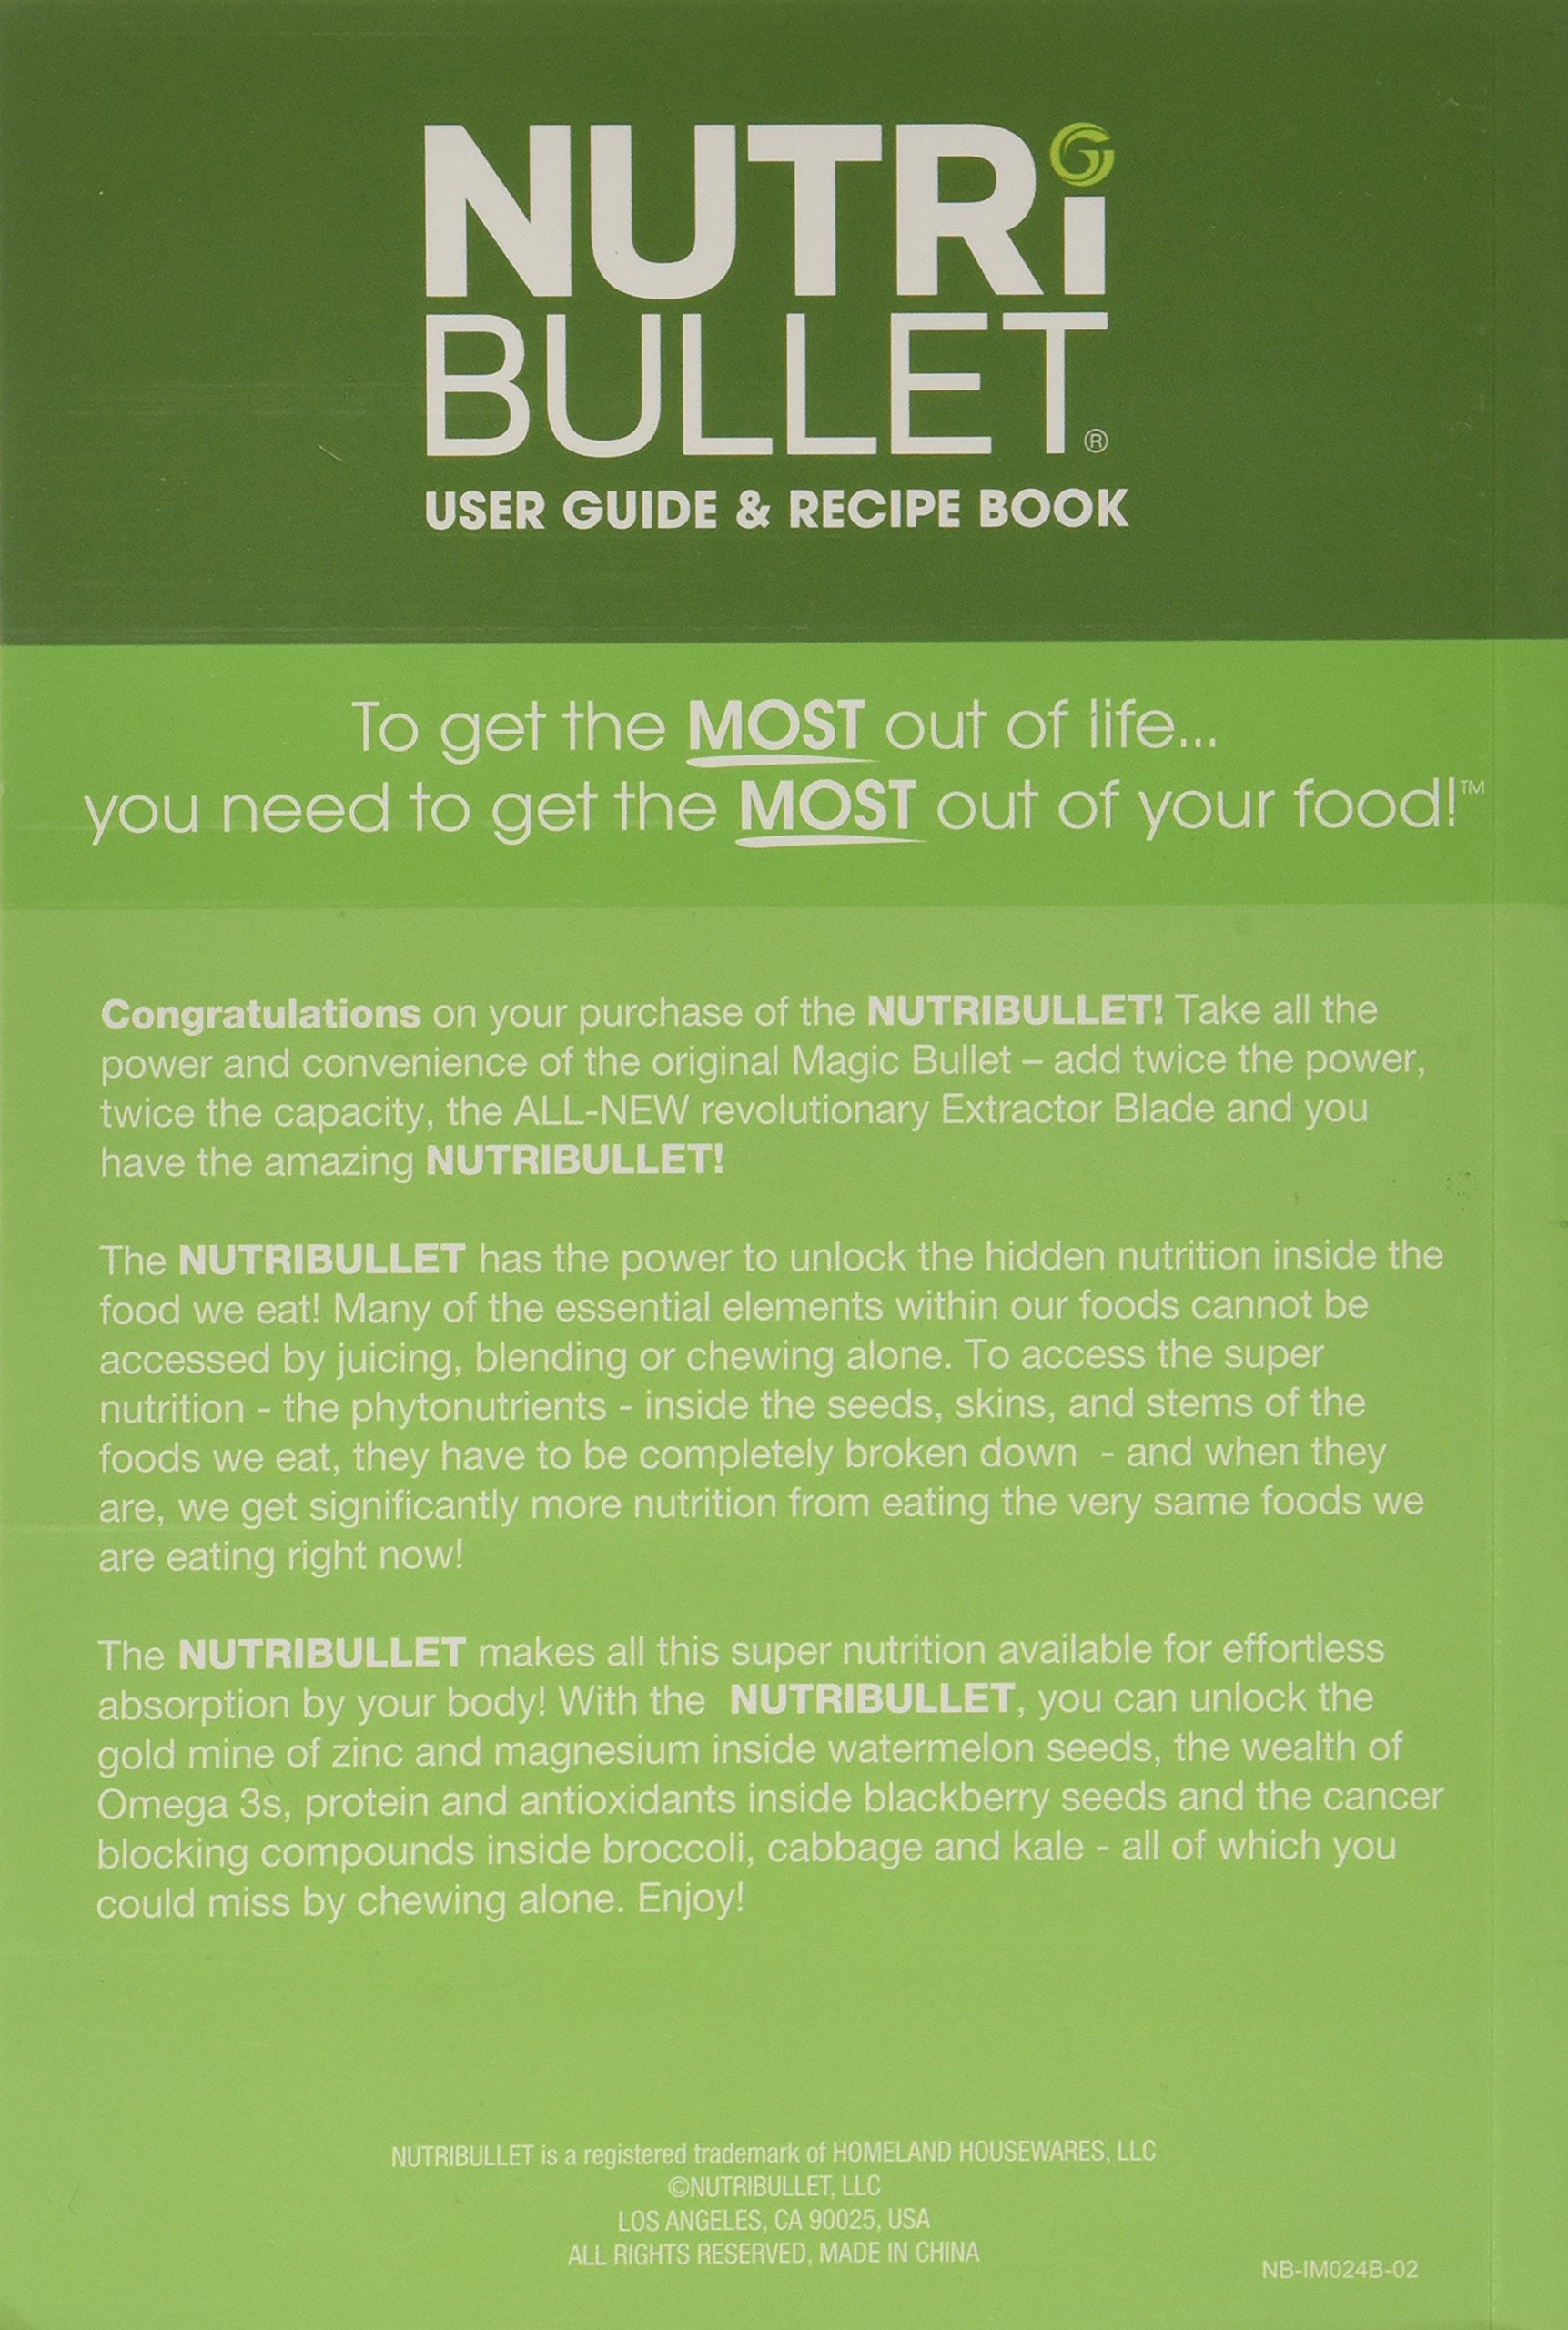 Nutribullet 900 series user guide recipe book nutribullet nutribullet 900 series user guide recipe book nutribullet amazon books fandeluxe Images